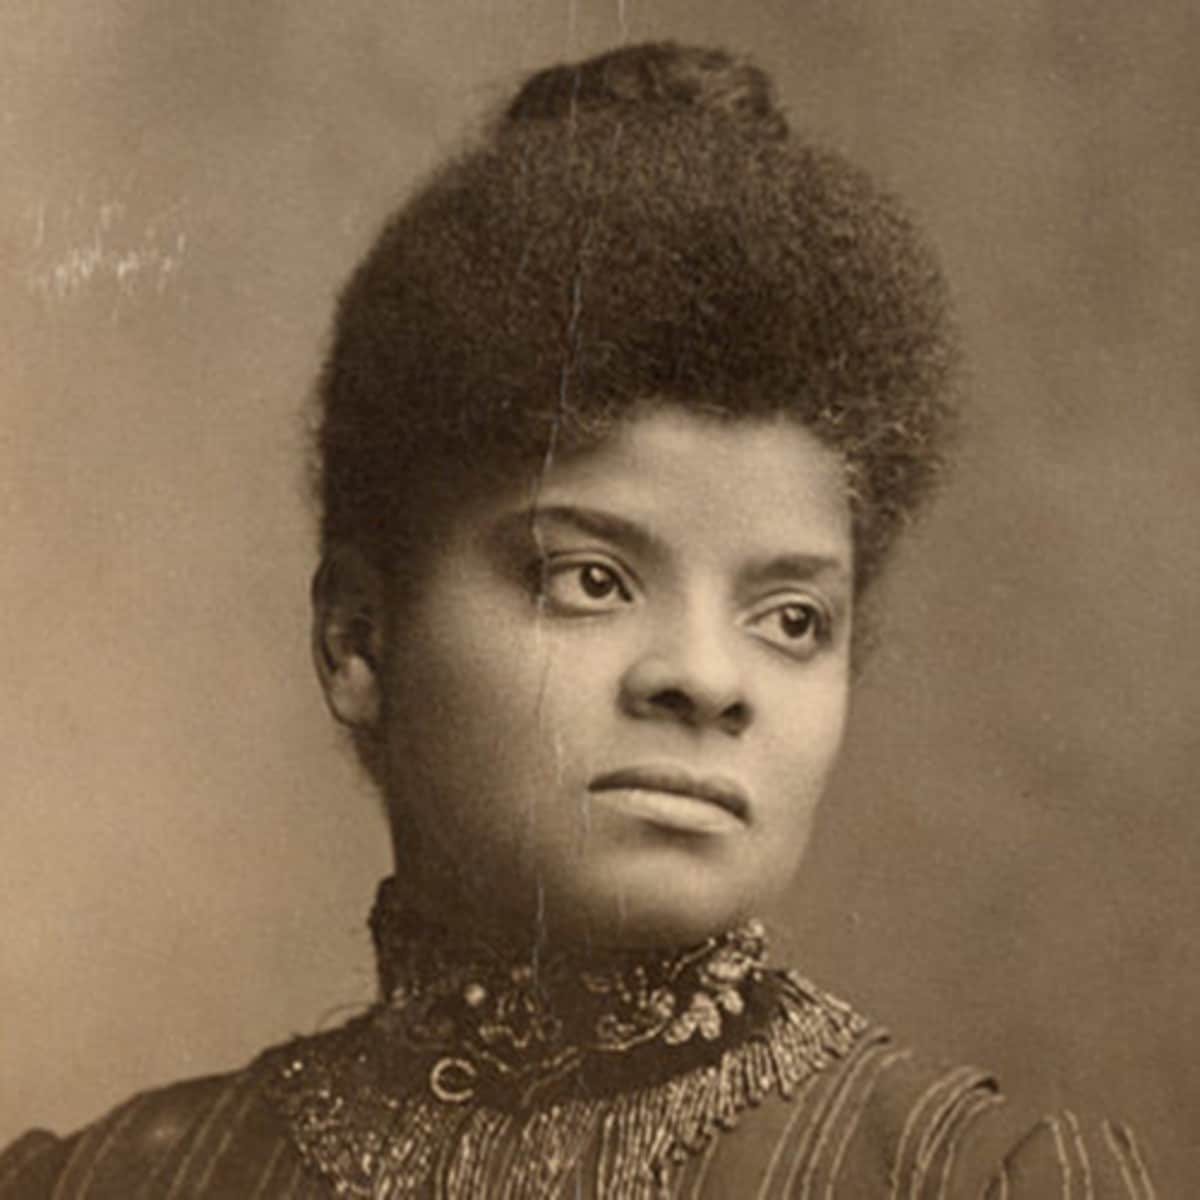 Helden van de zwarte bevrijdingsstrijd in de VS: Ida B. Wells (1862-1931)